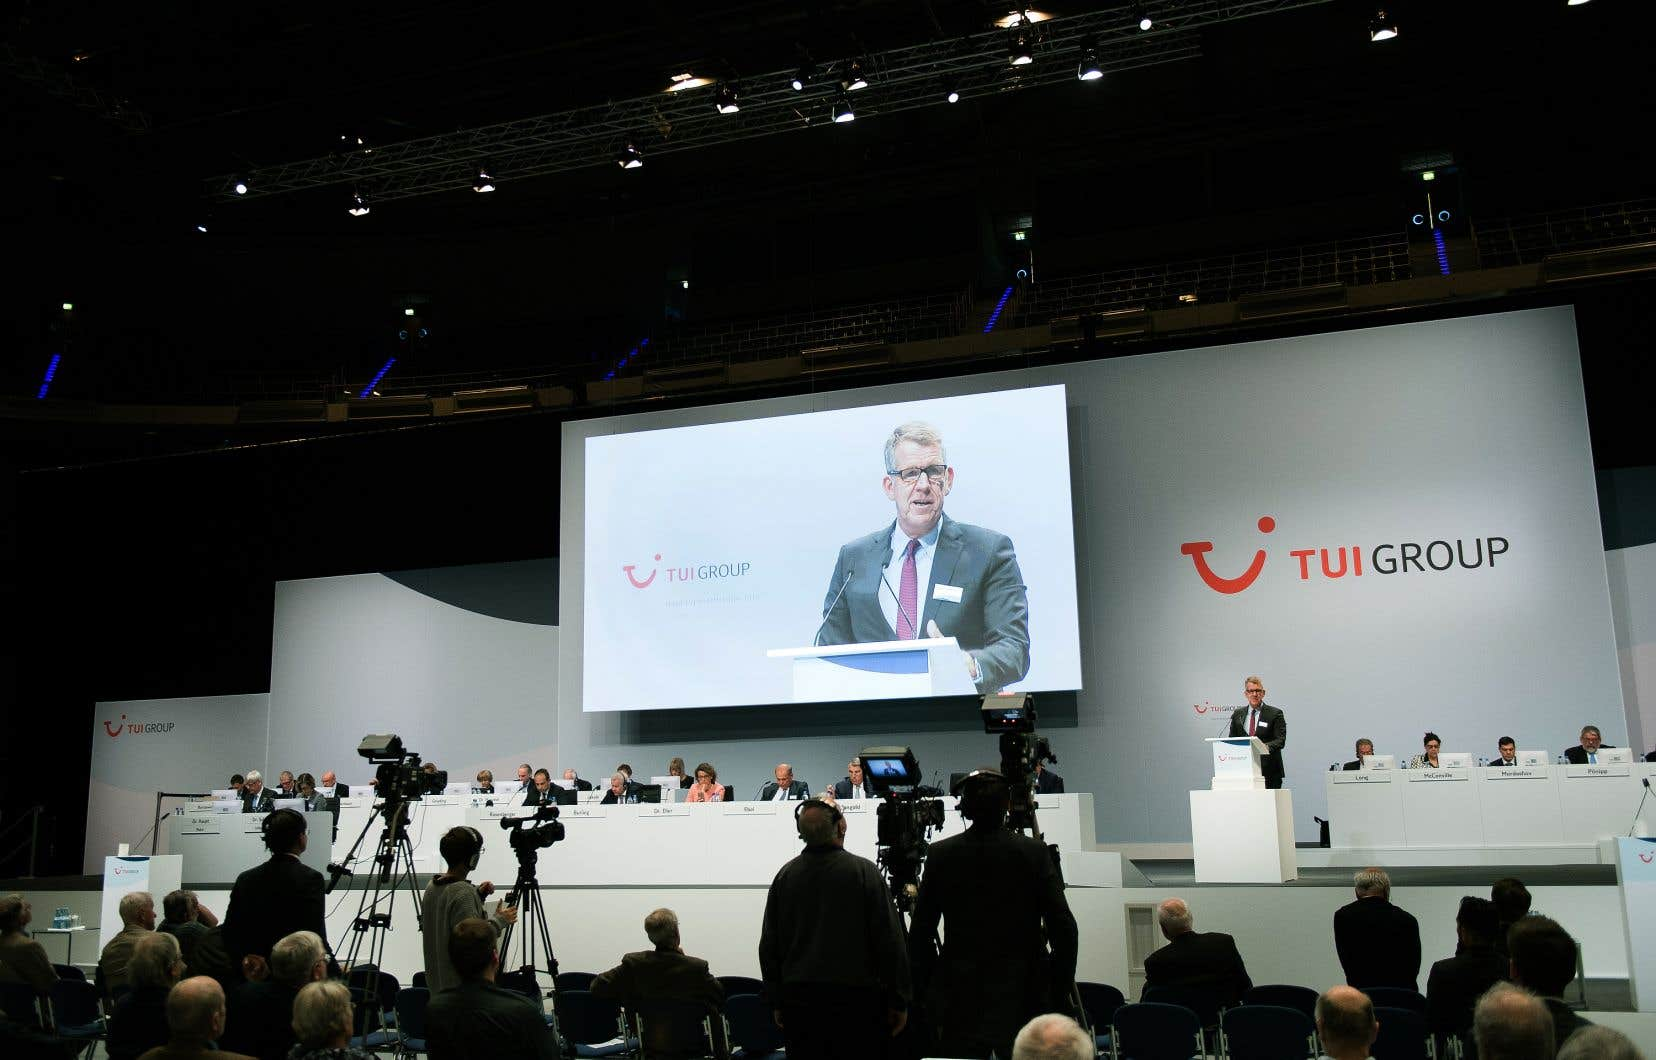 La Turquie et l'Égypte, «qui sont de très grandes destinations, sont de retour», a déclaré à la presse le directeur général, Fritz Joussen, à la suite de la publication des résultats trimestriels de TUI.